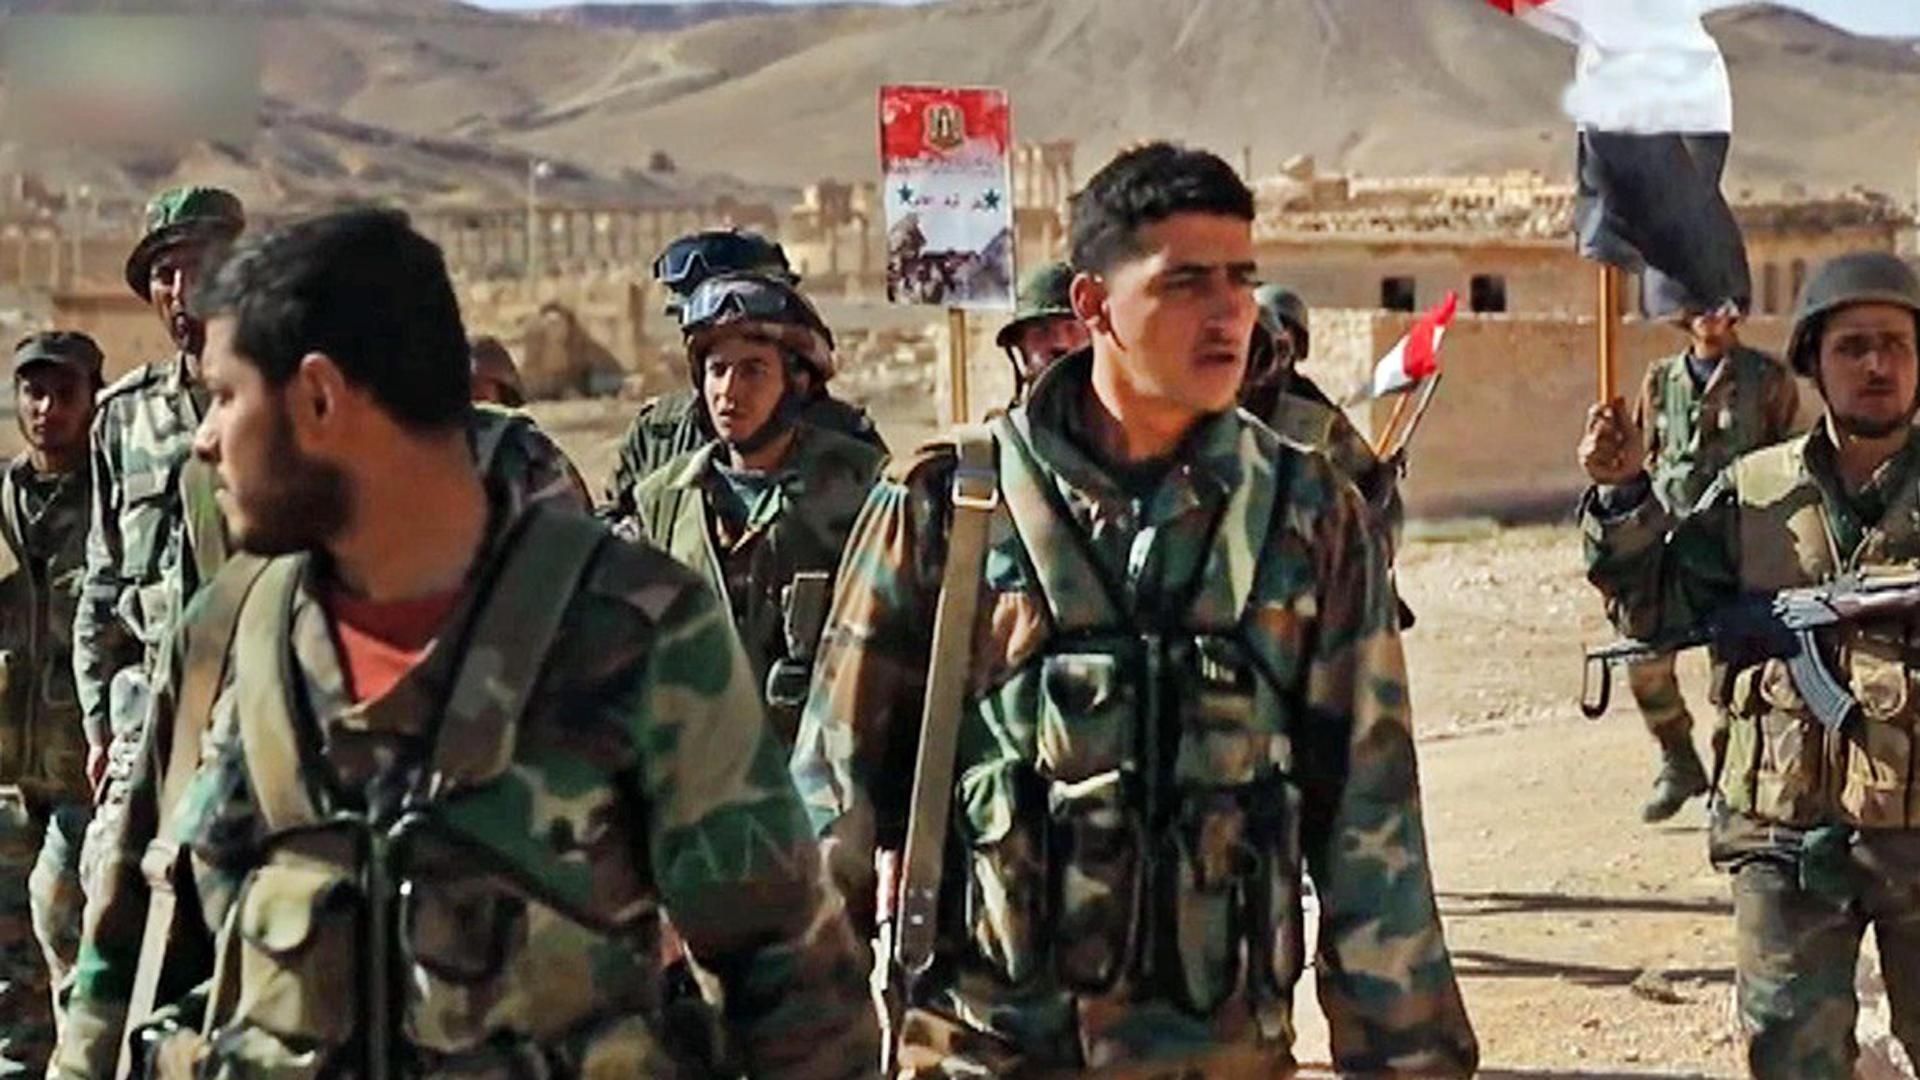 Сирийская армия отразила крупную атаку боевиков в пригороде Дамаска